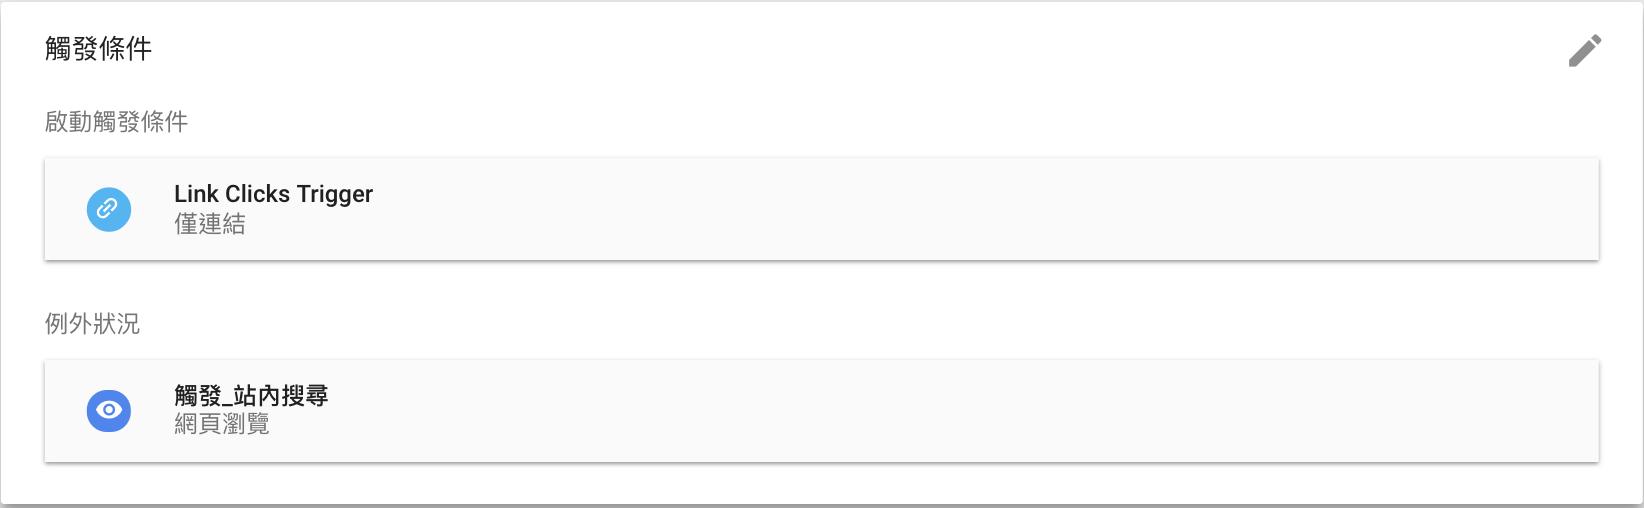 GTM_站內搜尋_觸發器設定